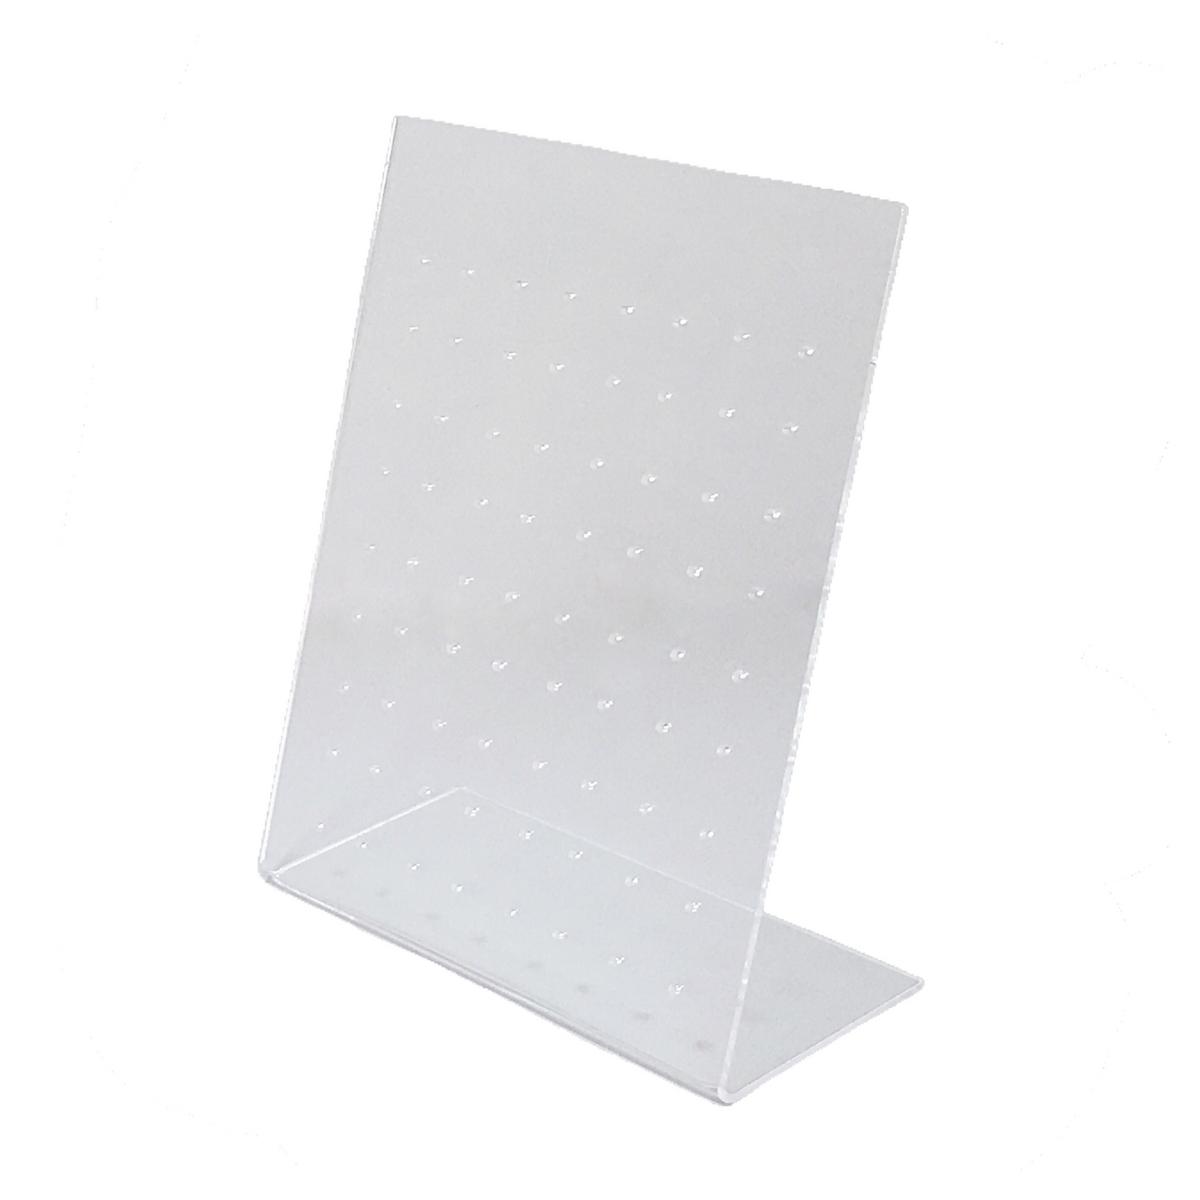 Expositor de brincos transparente